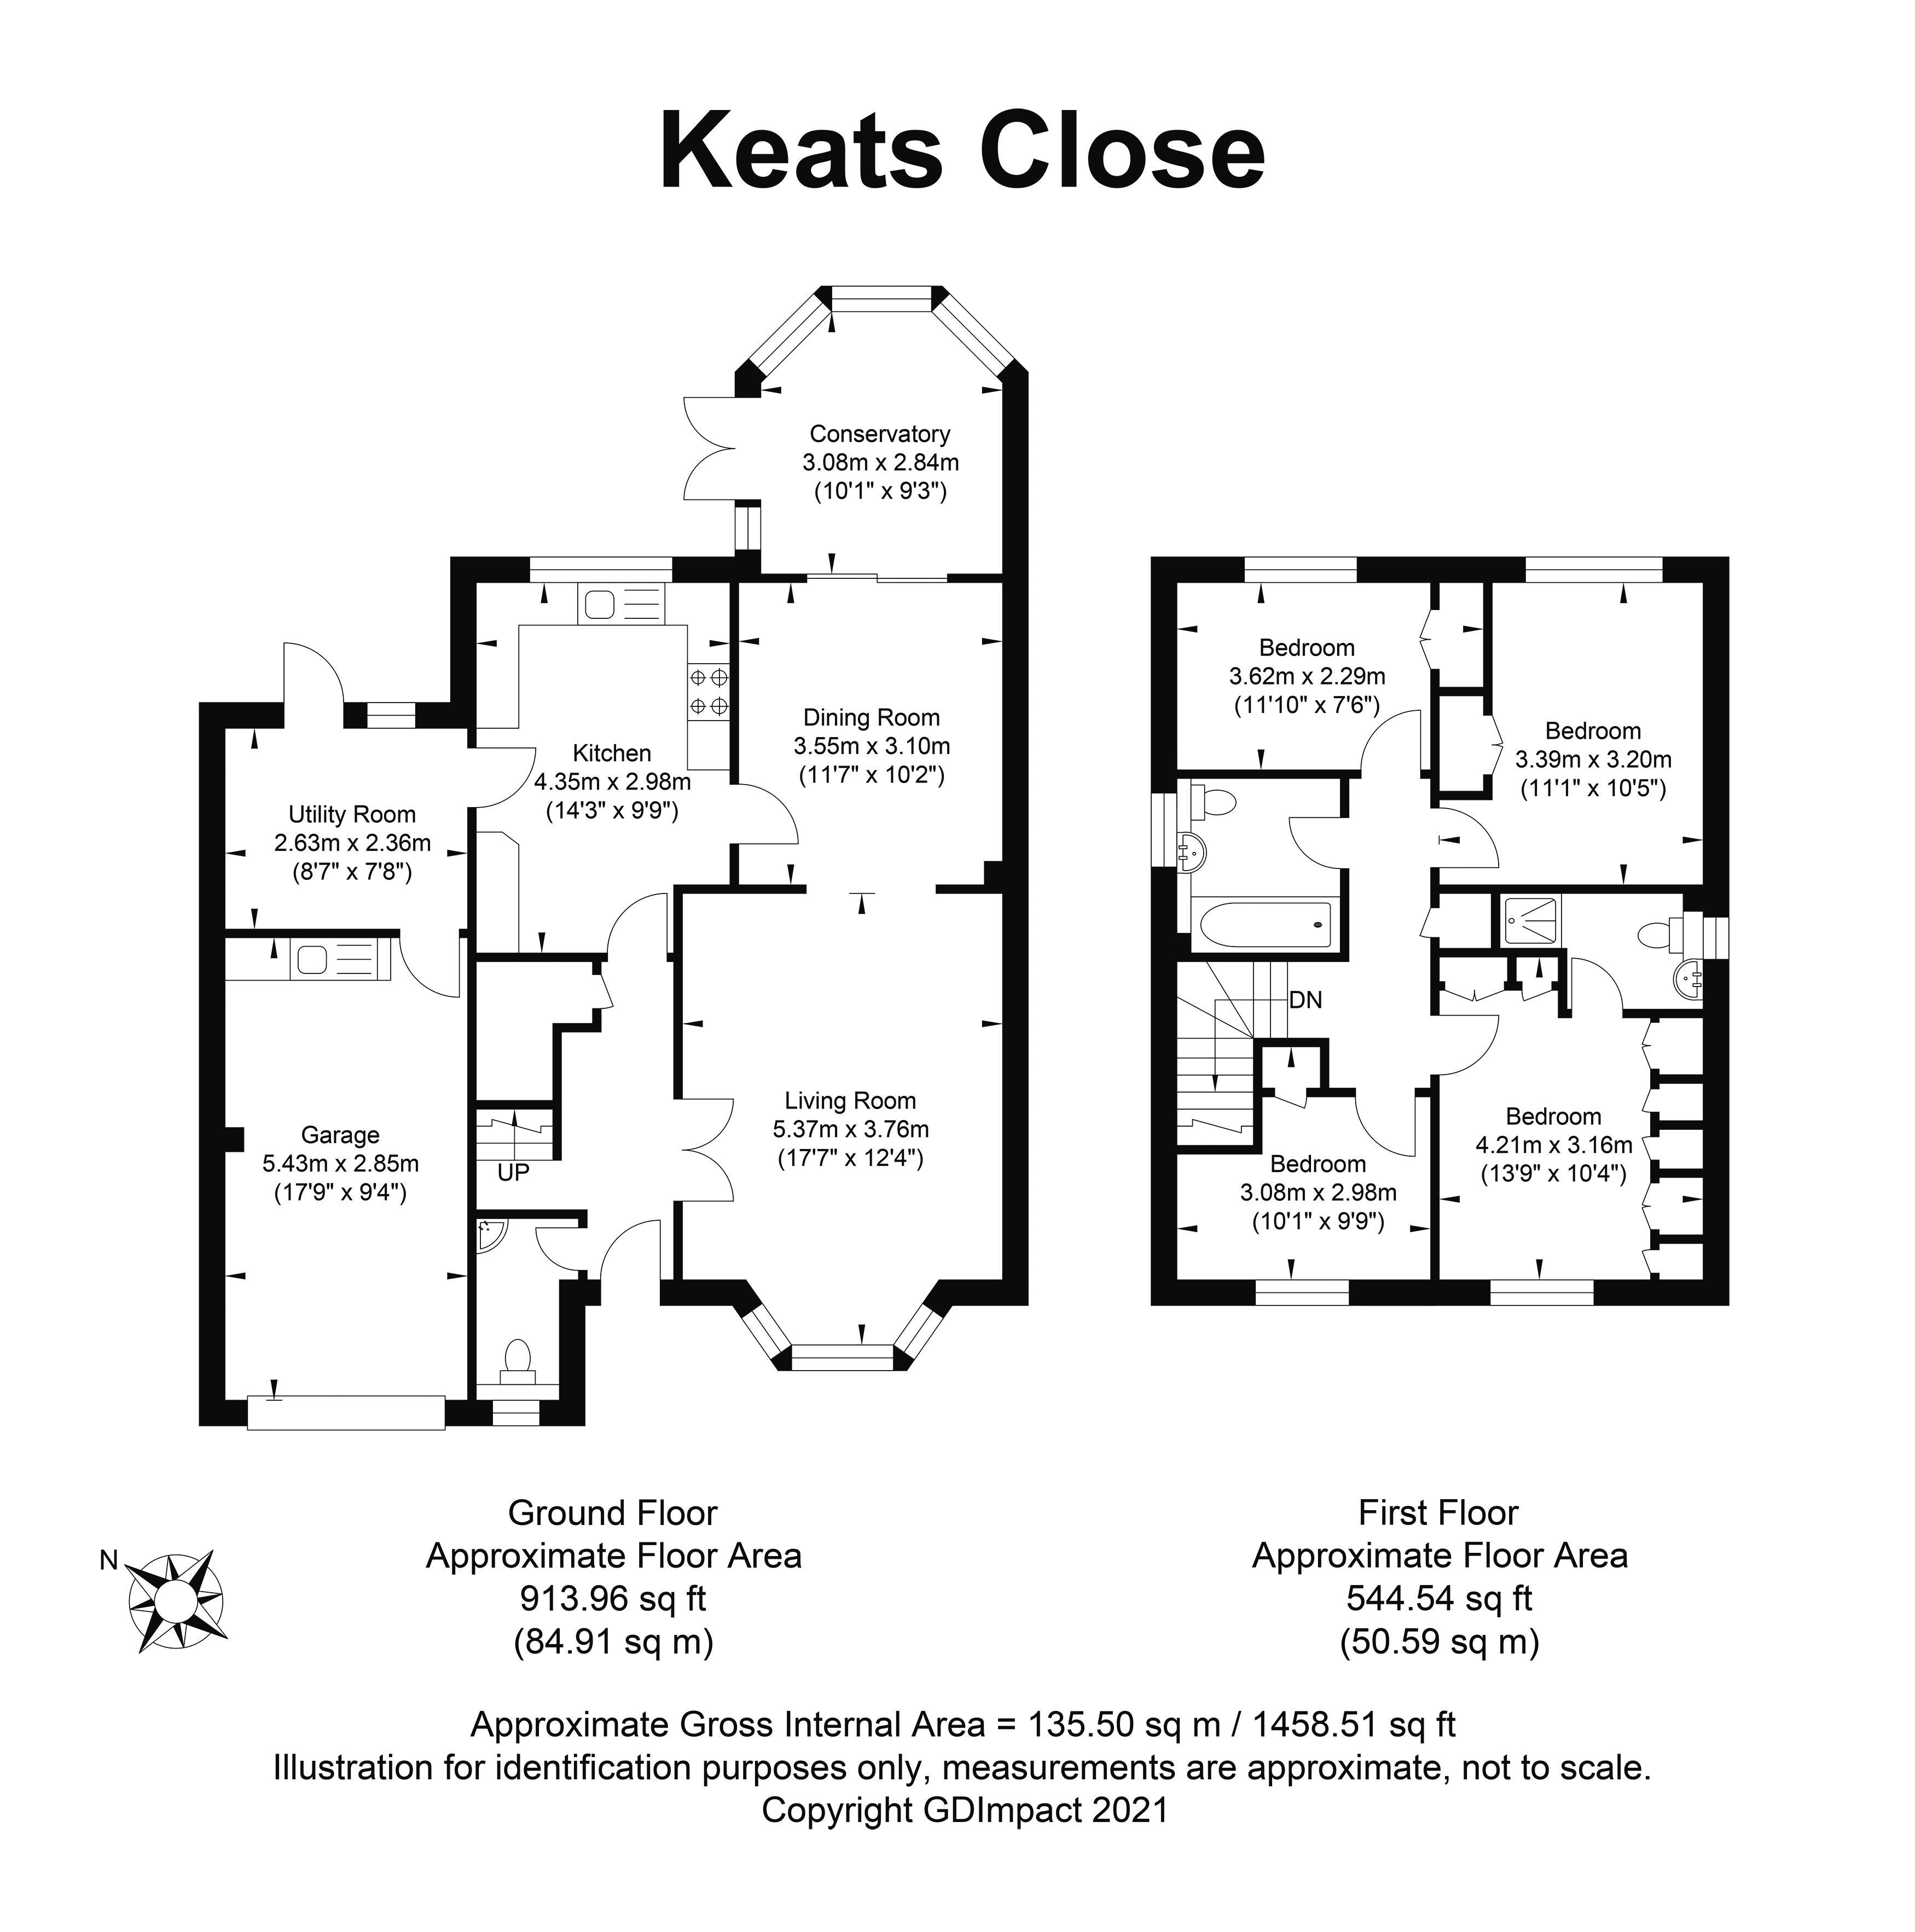 Keats Close